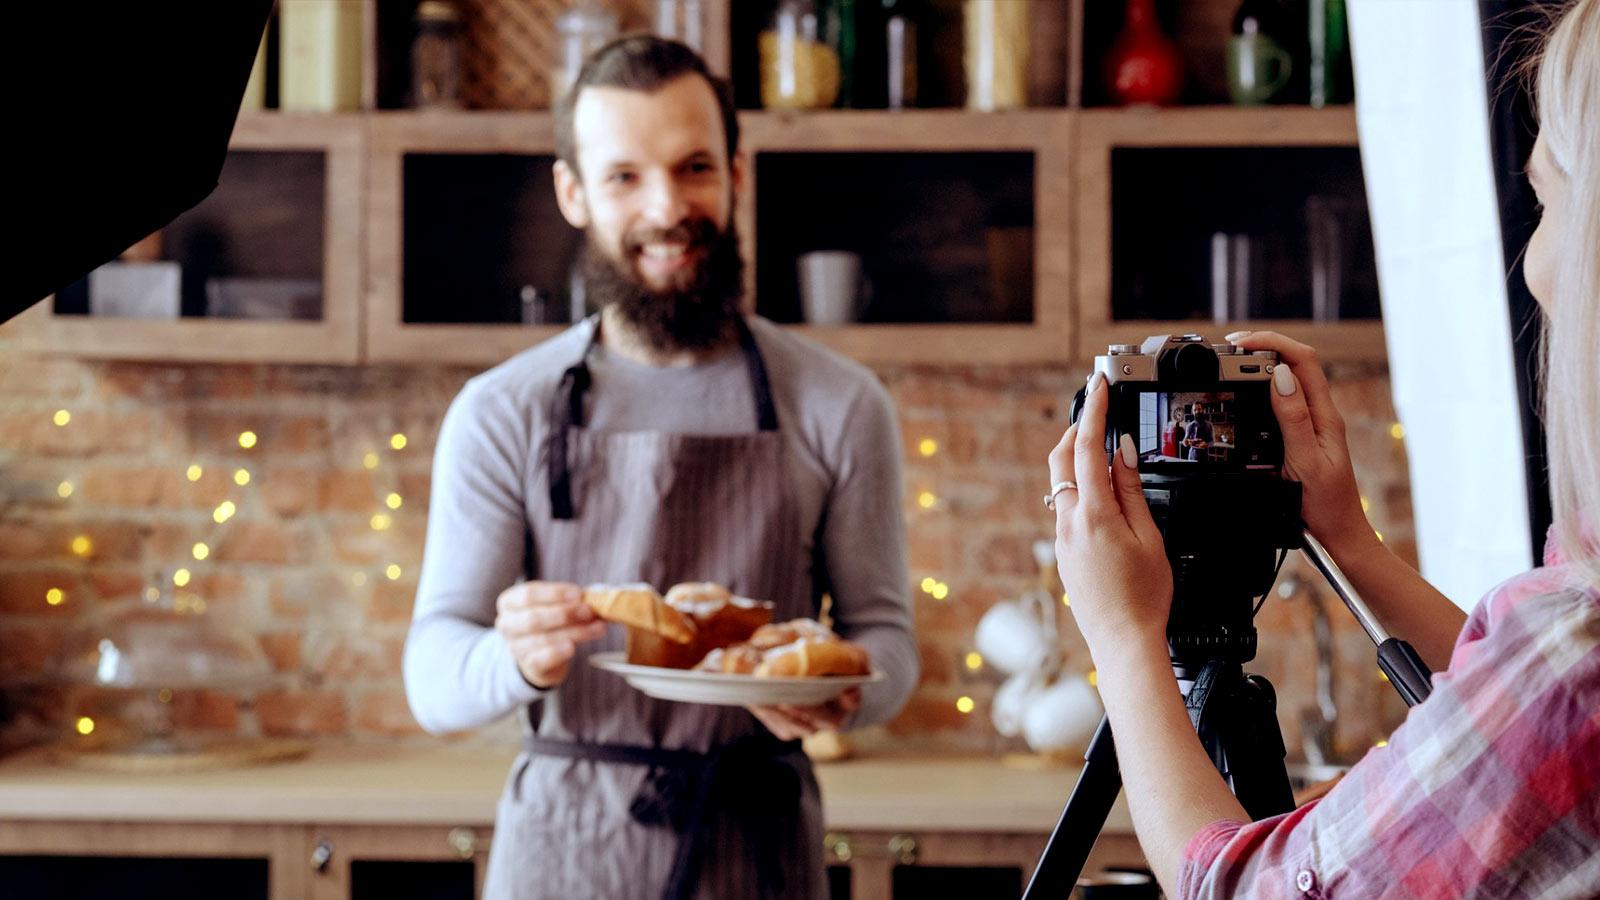 ideias de producao de conteudo 1a dumela - 5 ideias de conteúdo em vídeo para inspirar o marketing da sua empresa